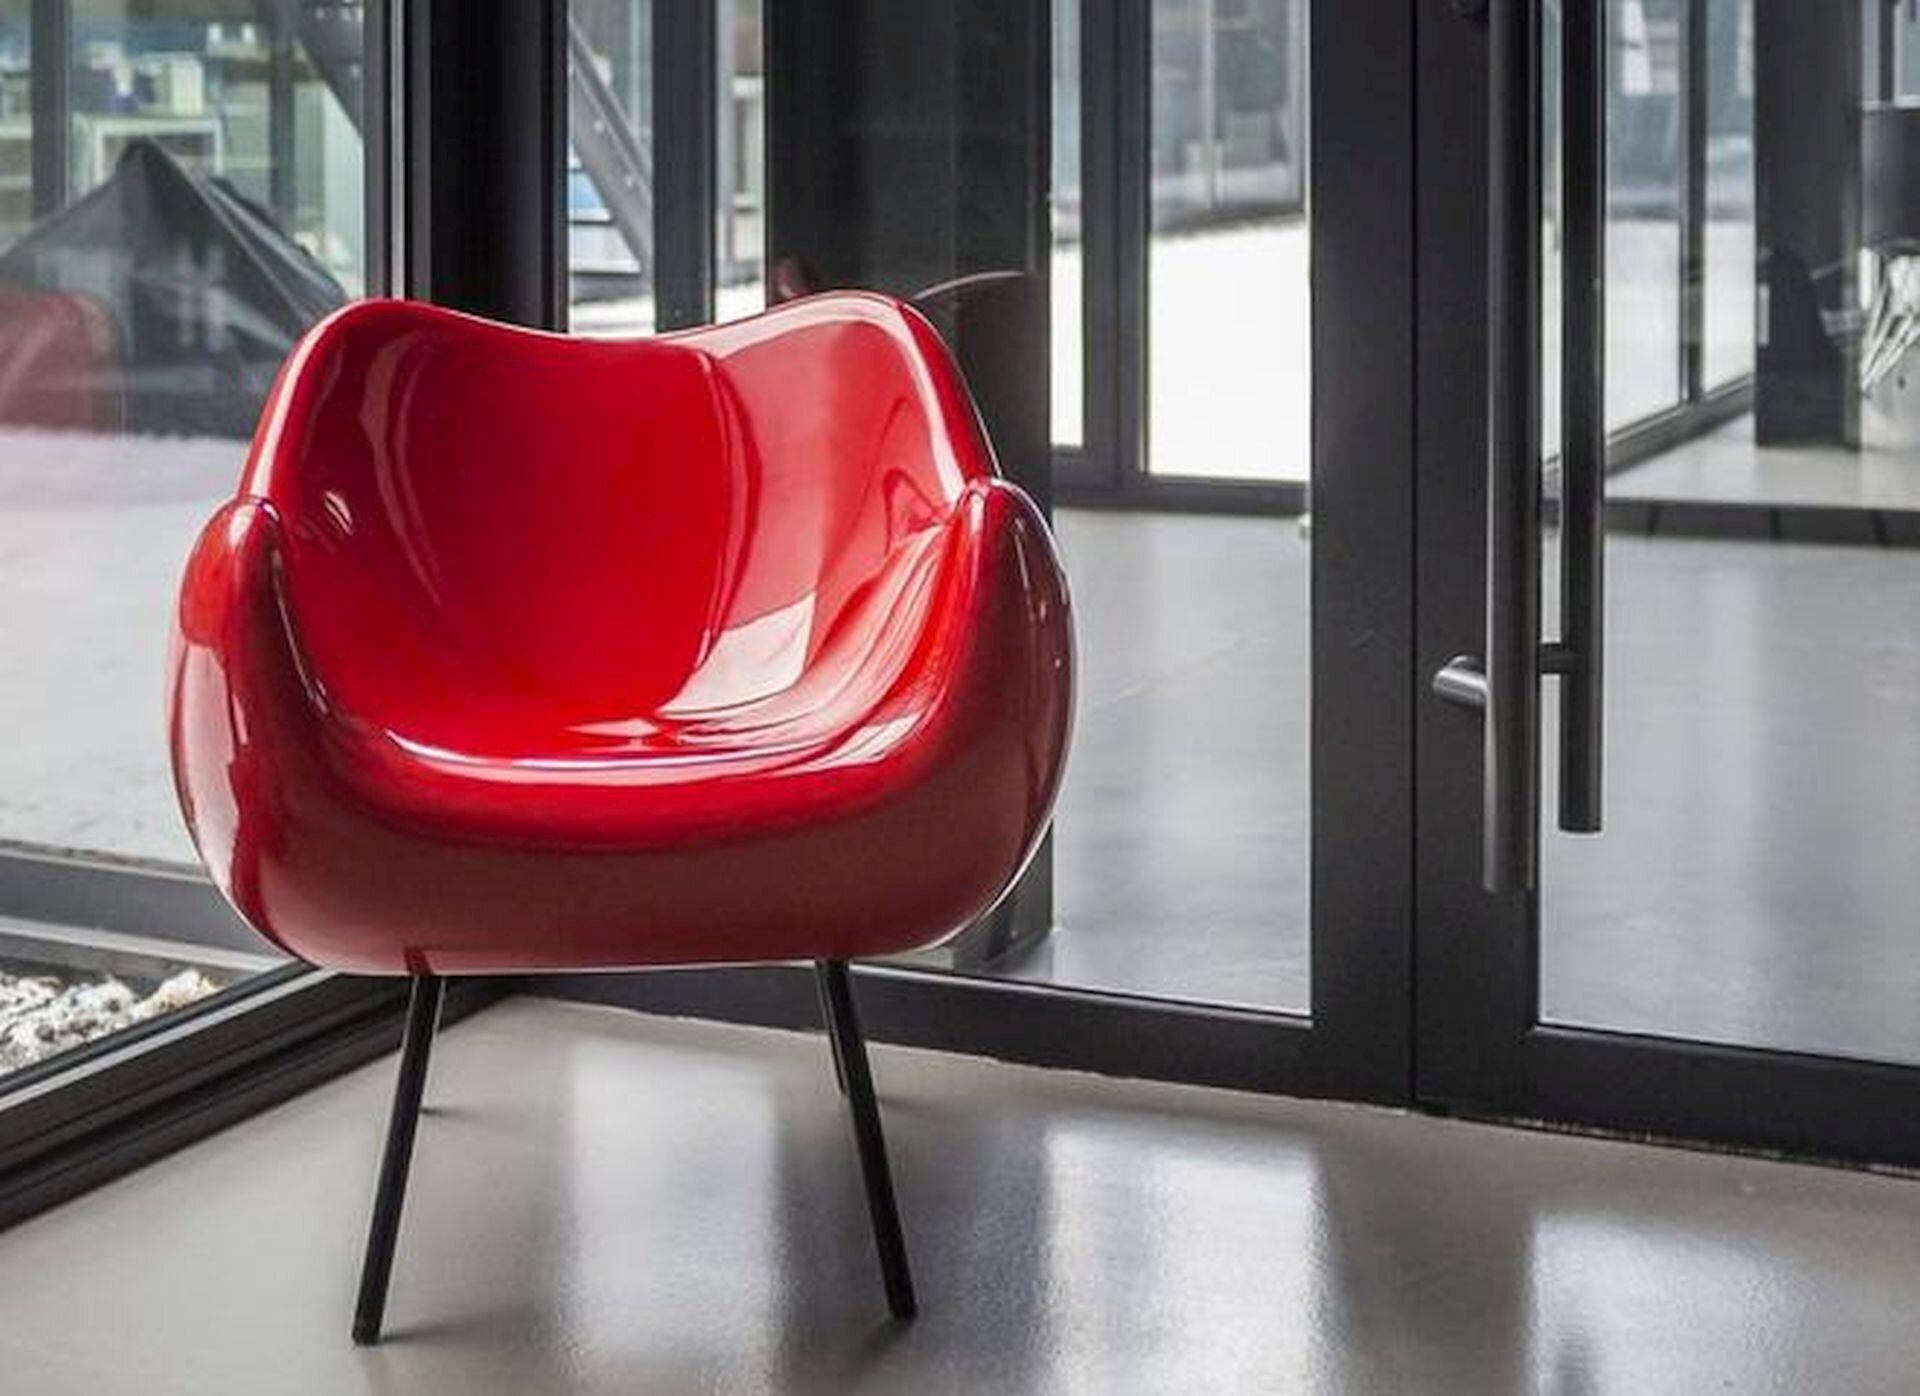 Ilustracja przedstawia projekt fotela autorstwa Romana Modzelewskiego. Jest to czerwony plastikowy fotel stojący na czterech cienkich, długich nogach. Fotel stoi wpomieszczeniu przed drzwiami.